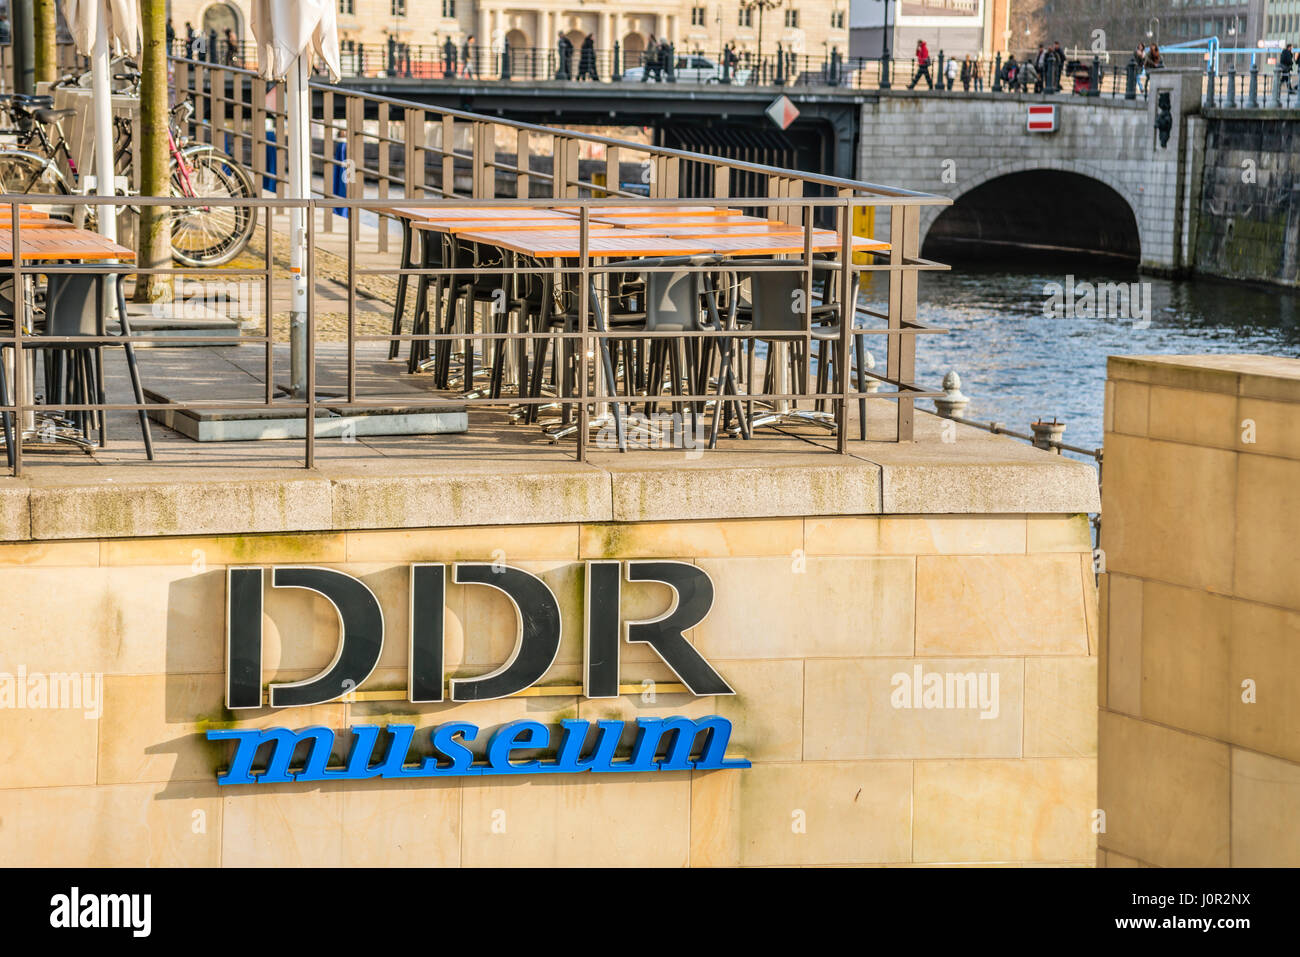 DDR Museum am Spreeufer von Berlin, Deutschland | DDR Museum at the River Spree, Berlin, Germany - Stock Image